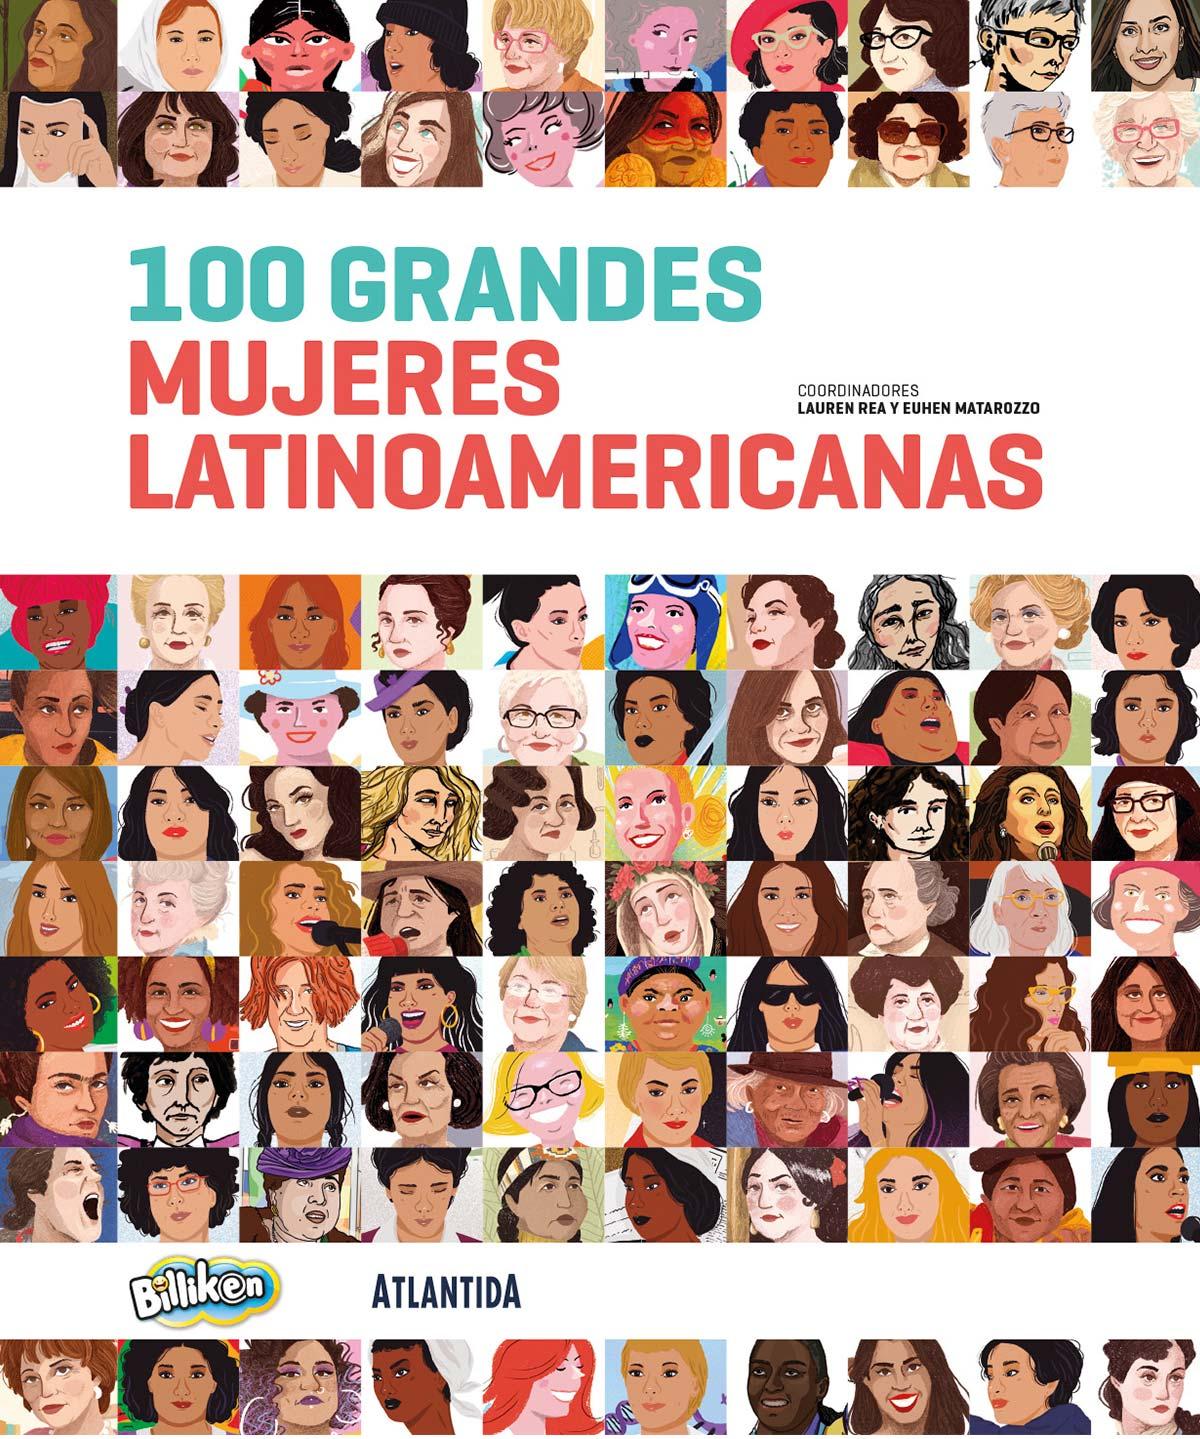 """Científicas, artistas, líderes, deportistas, educadoras y políticas representan la diversidad de personalidades incluidas en las """"100 Grandes Mujeres Latinoamericanas"""" de Billiken."""